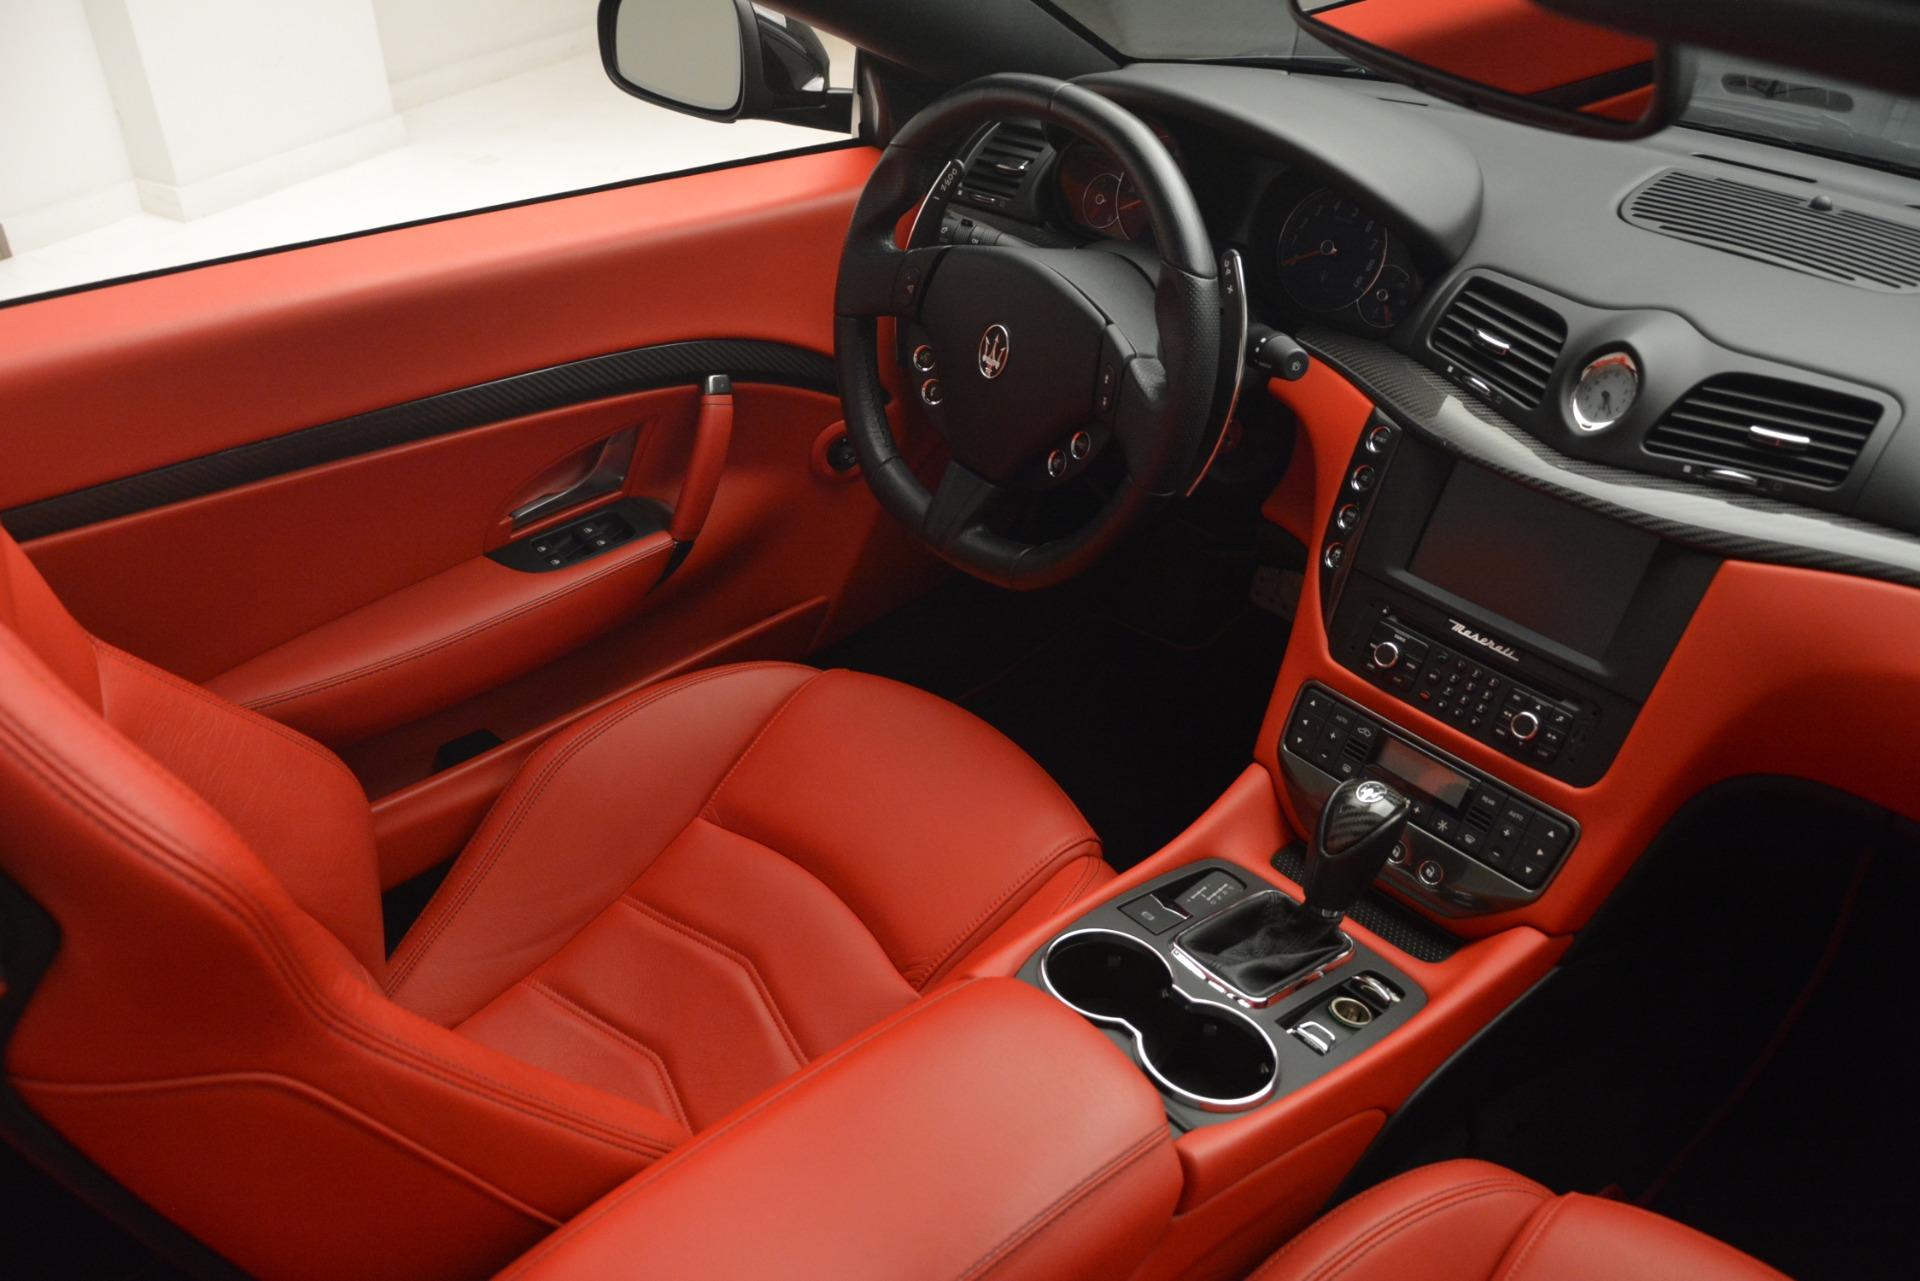 Used 2015 Maserati GranTurismo Sport For Sale In Greenwich, CT 2963_p27